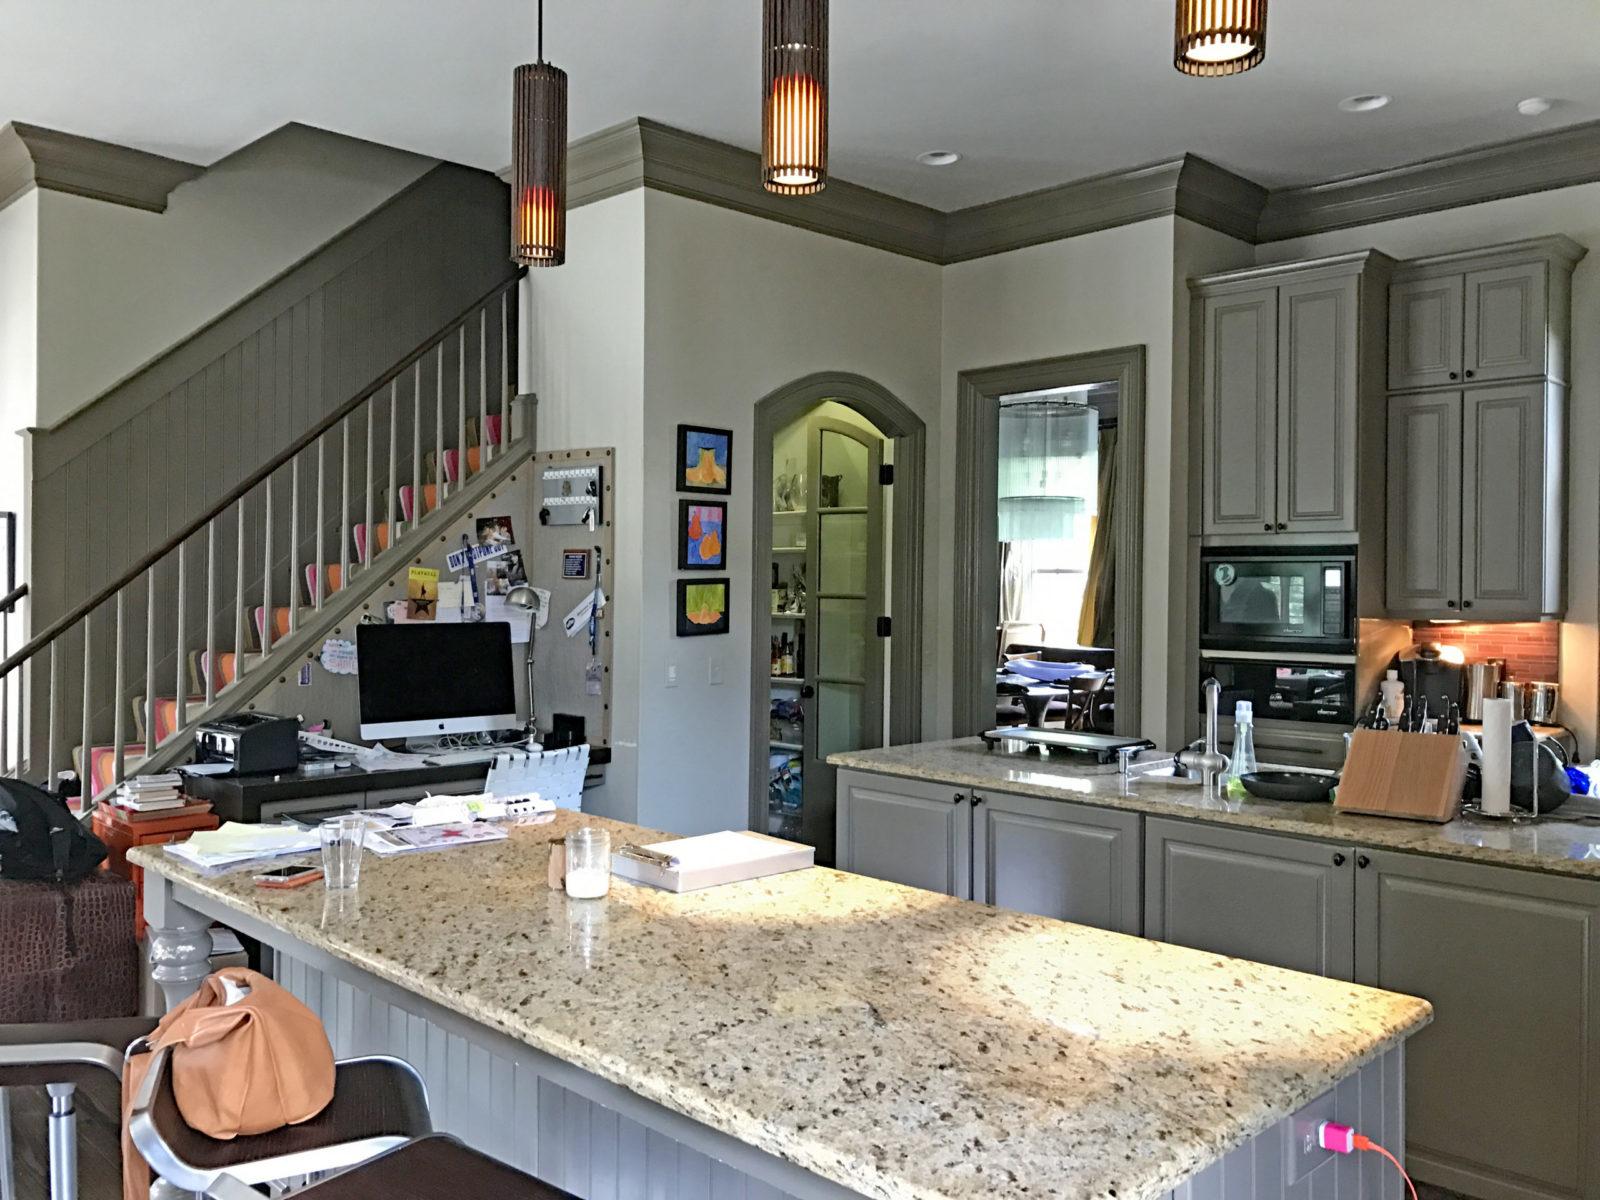 kitchen-storage-before-remodel